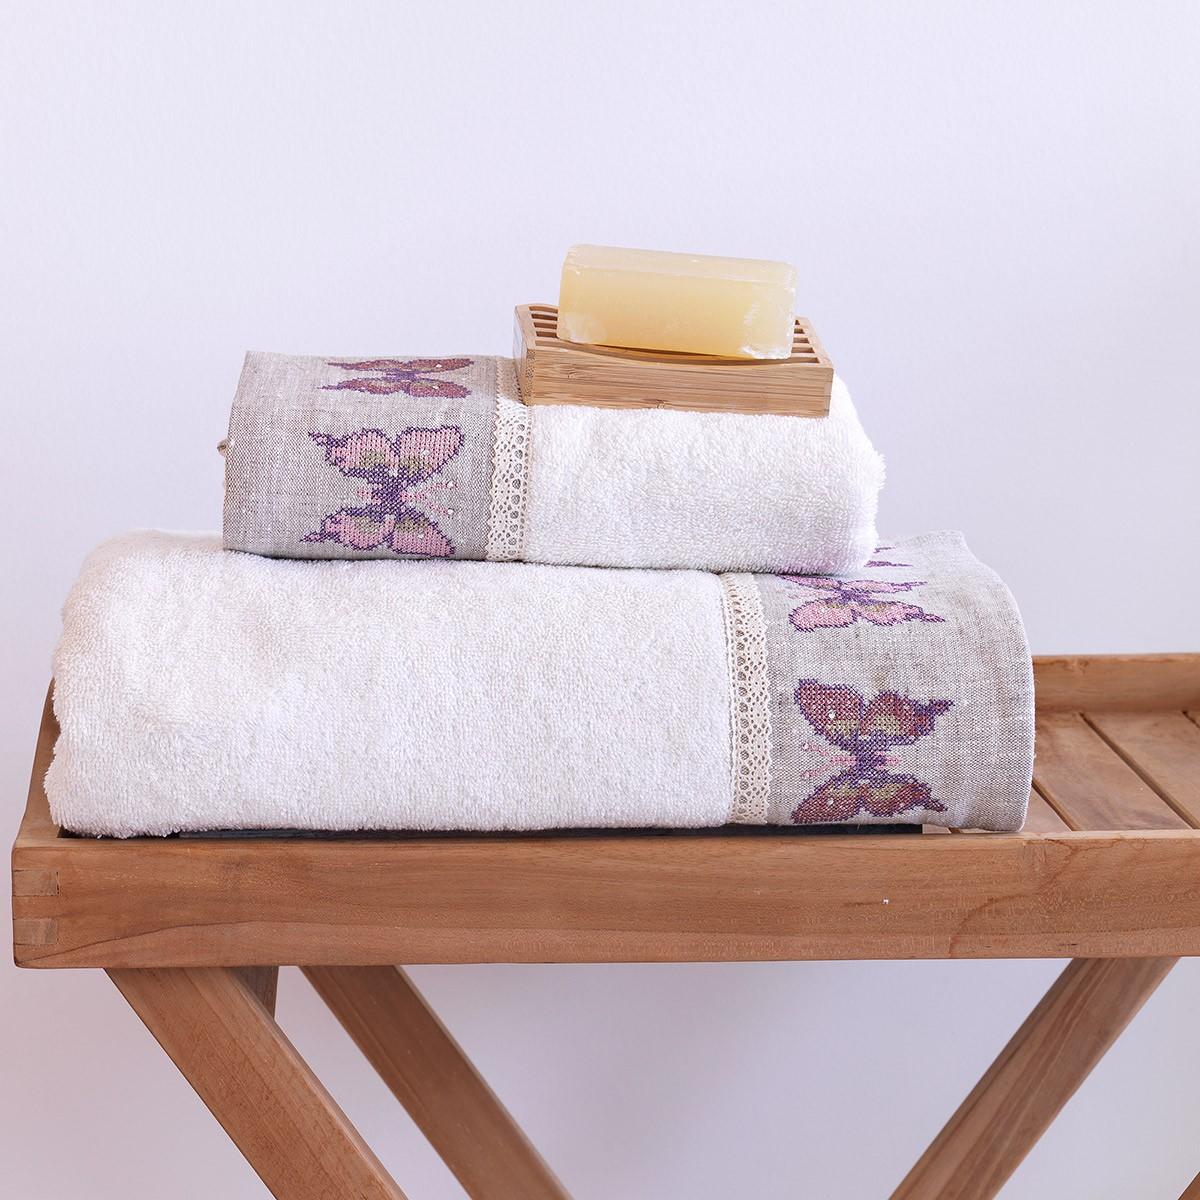 Πετσέτες Μπάνιου (Σετ 2τμχ) Sb Home Butterfly Cream